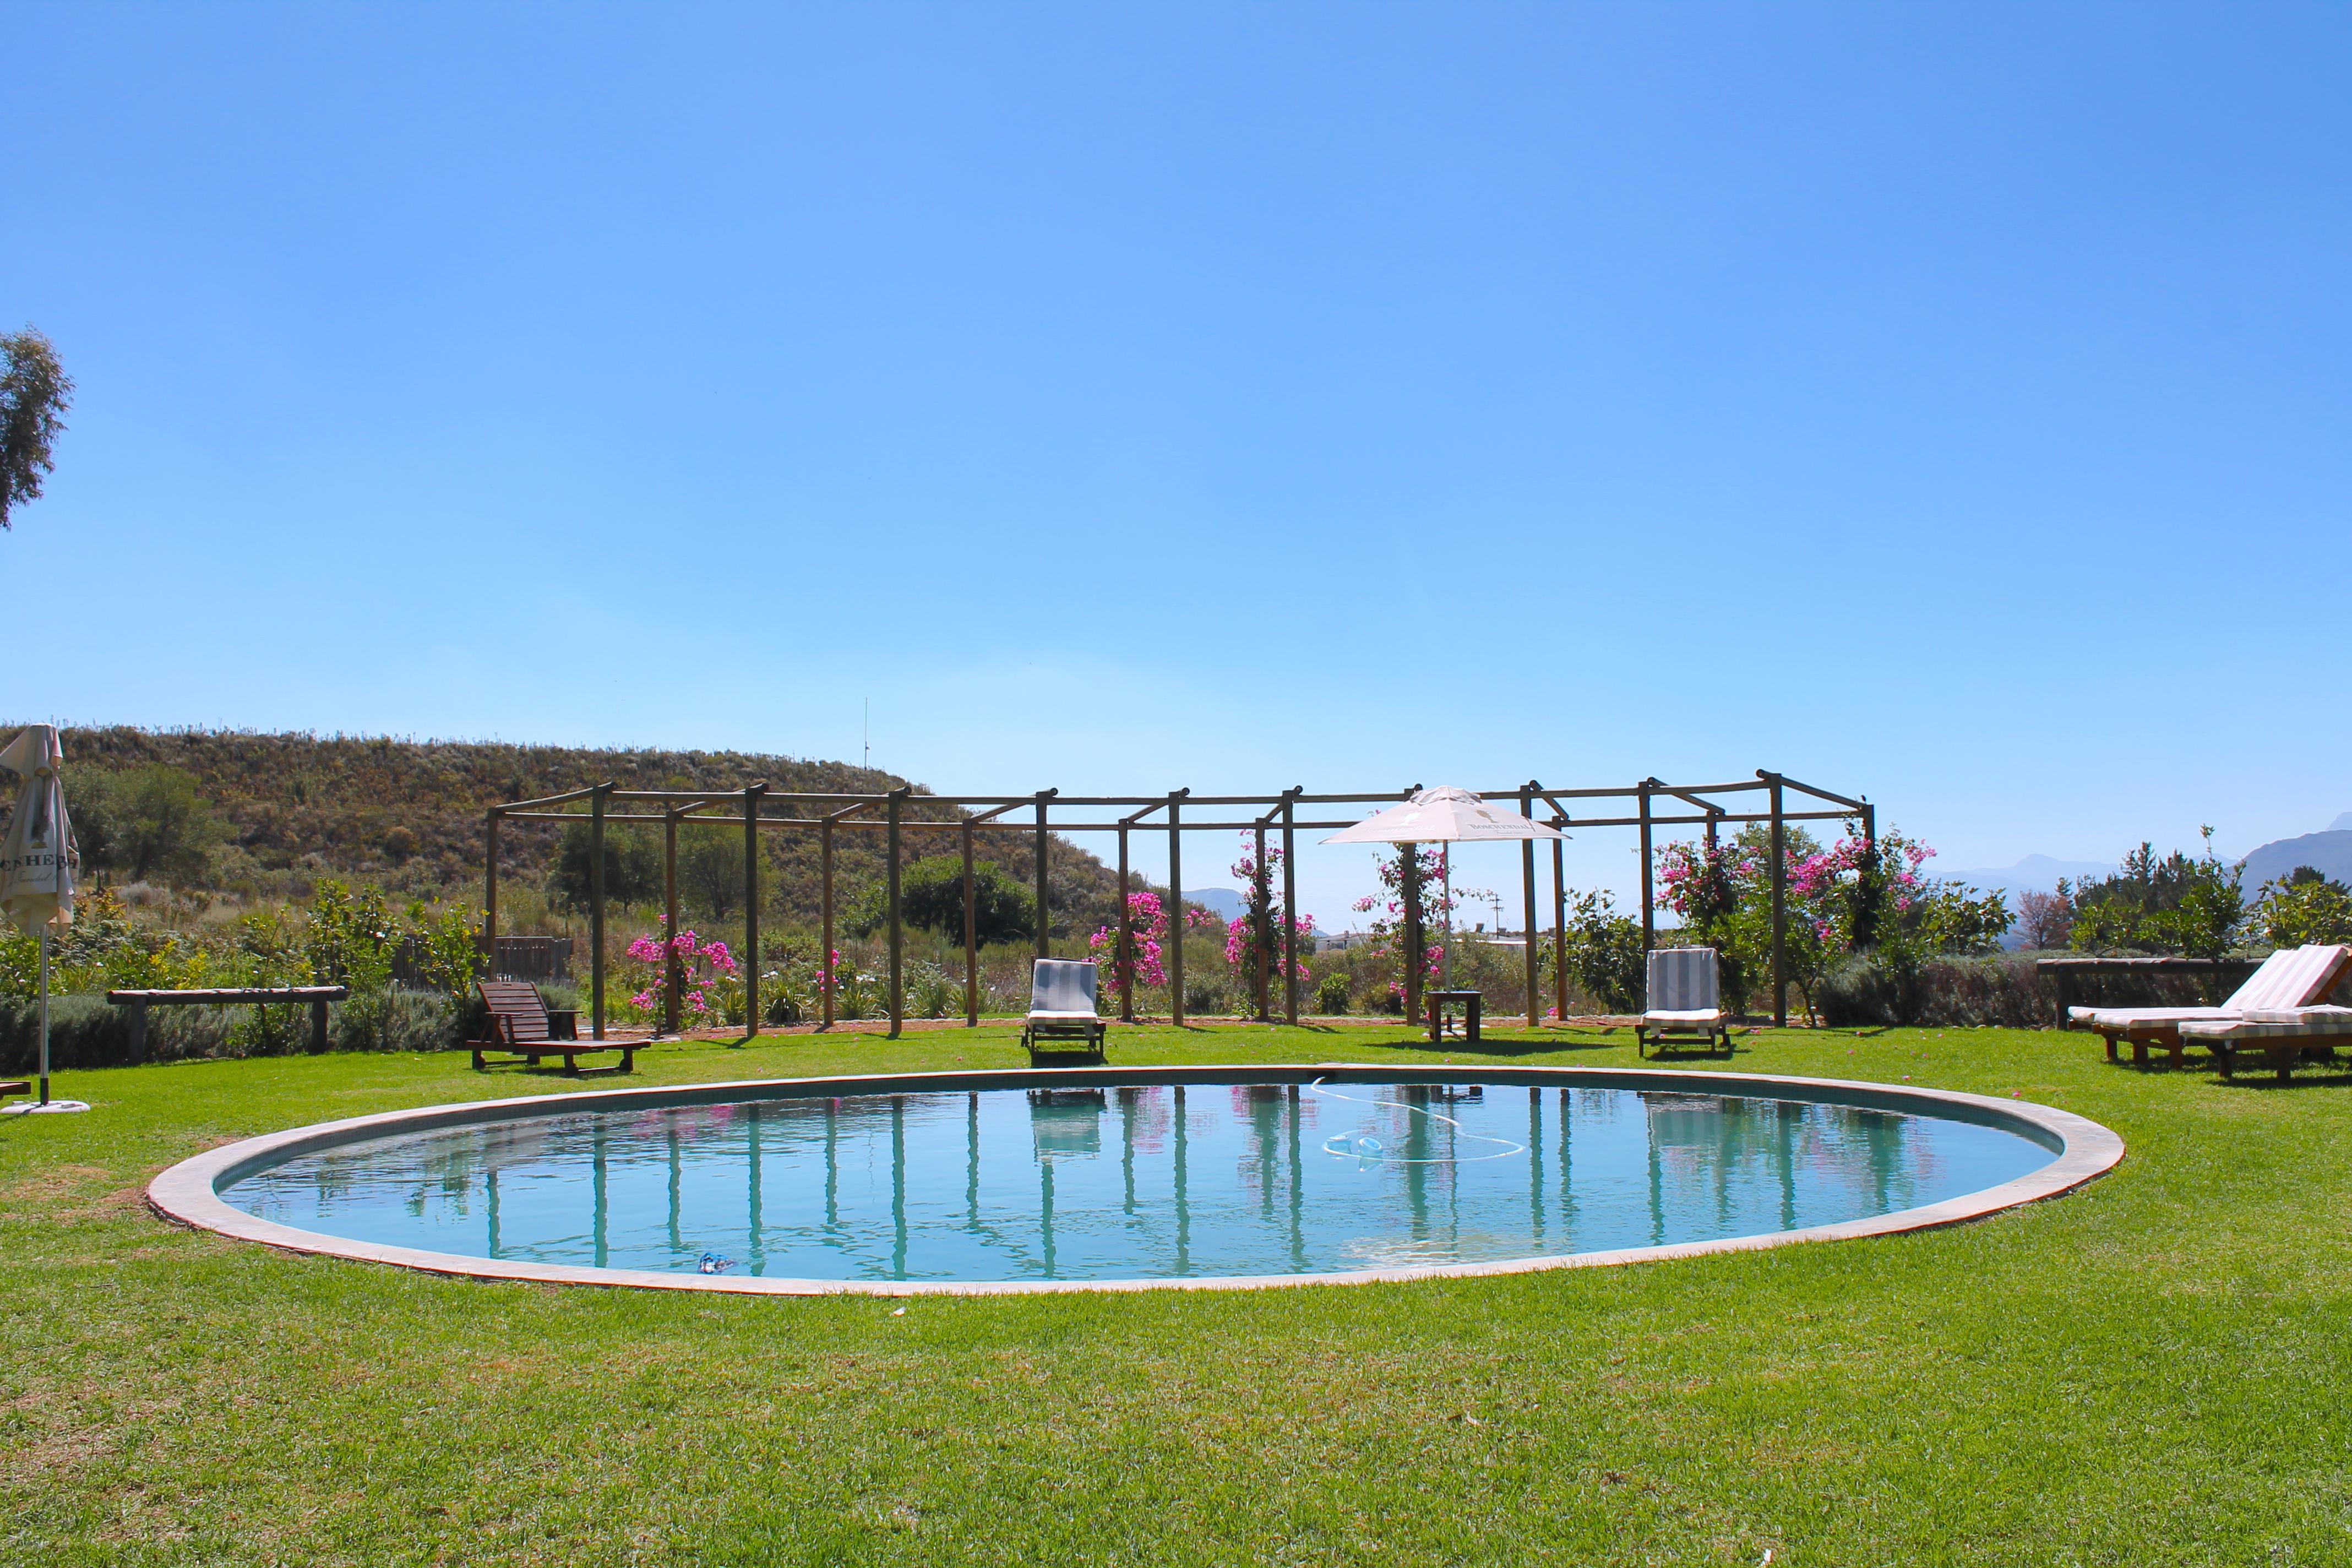 orchard-cottages-pool-boschendal-lustforthesublime